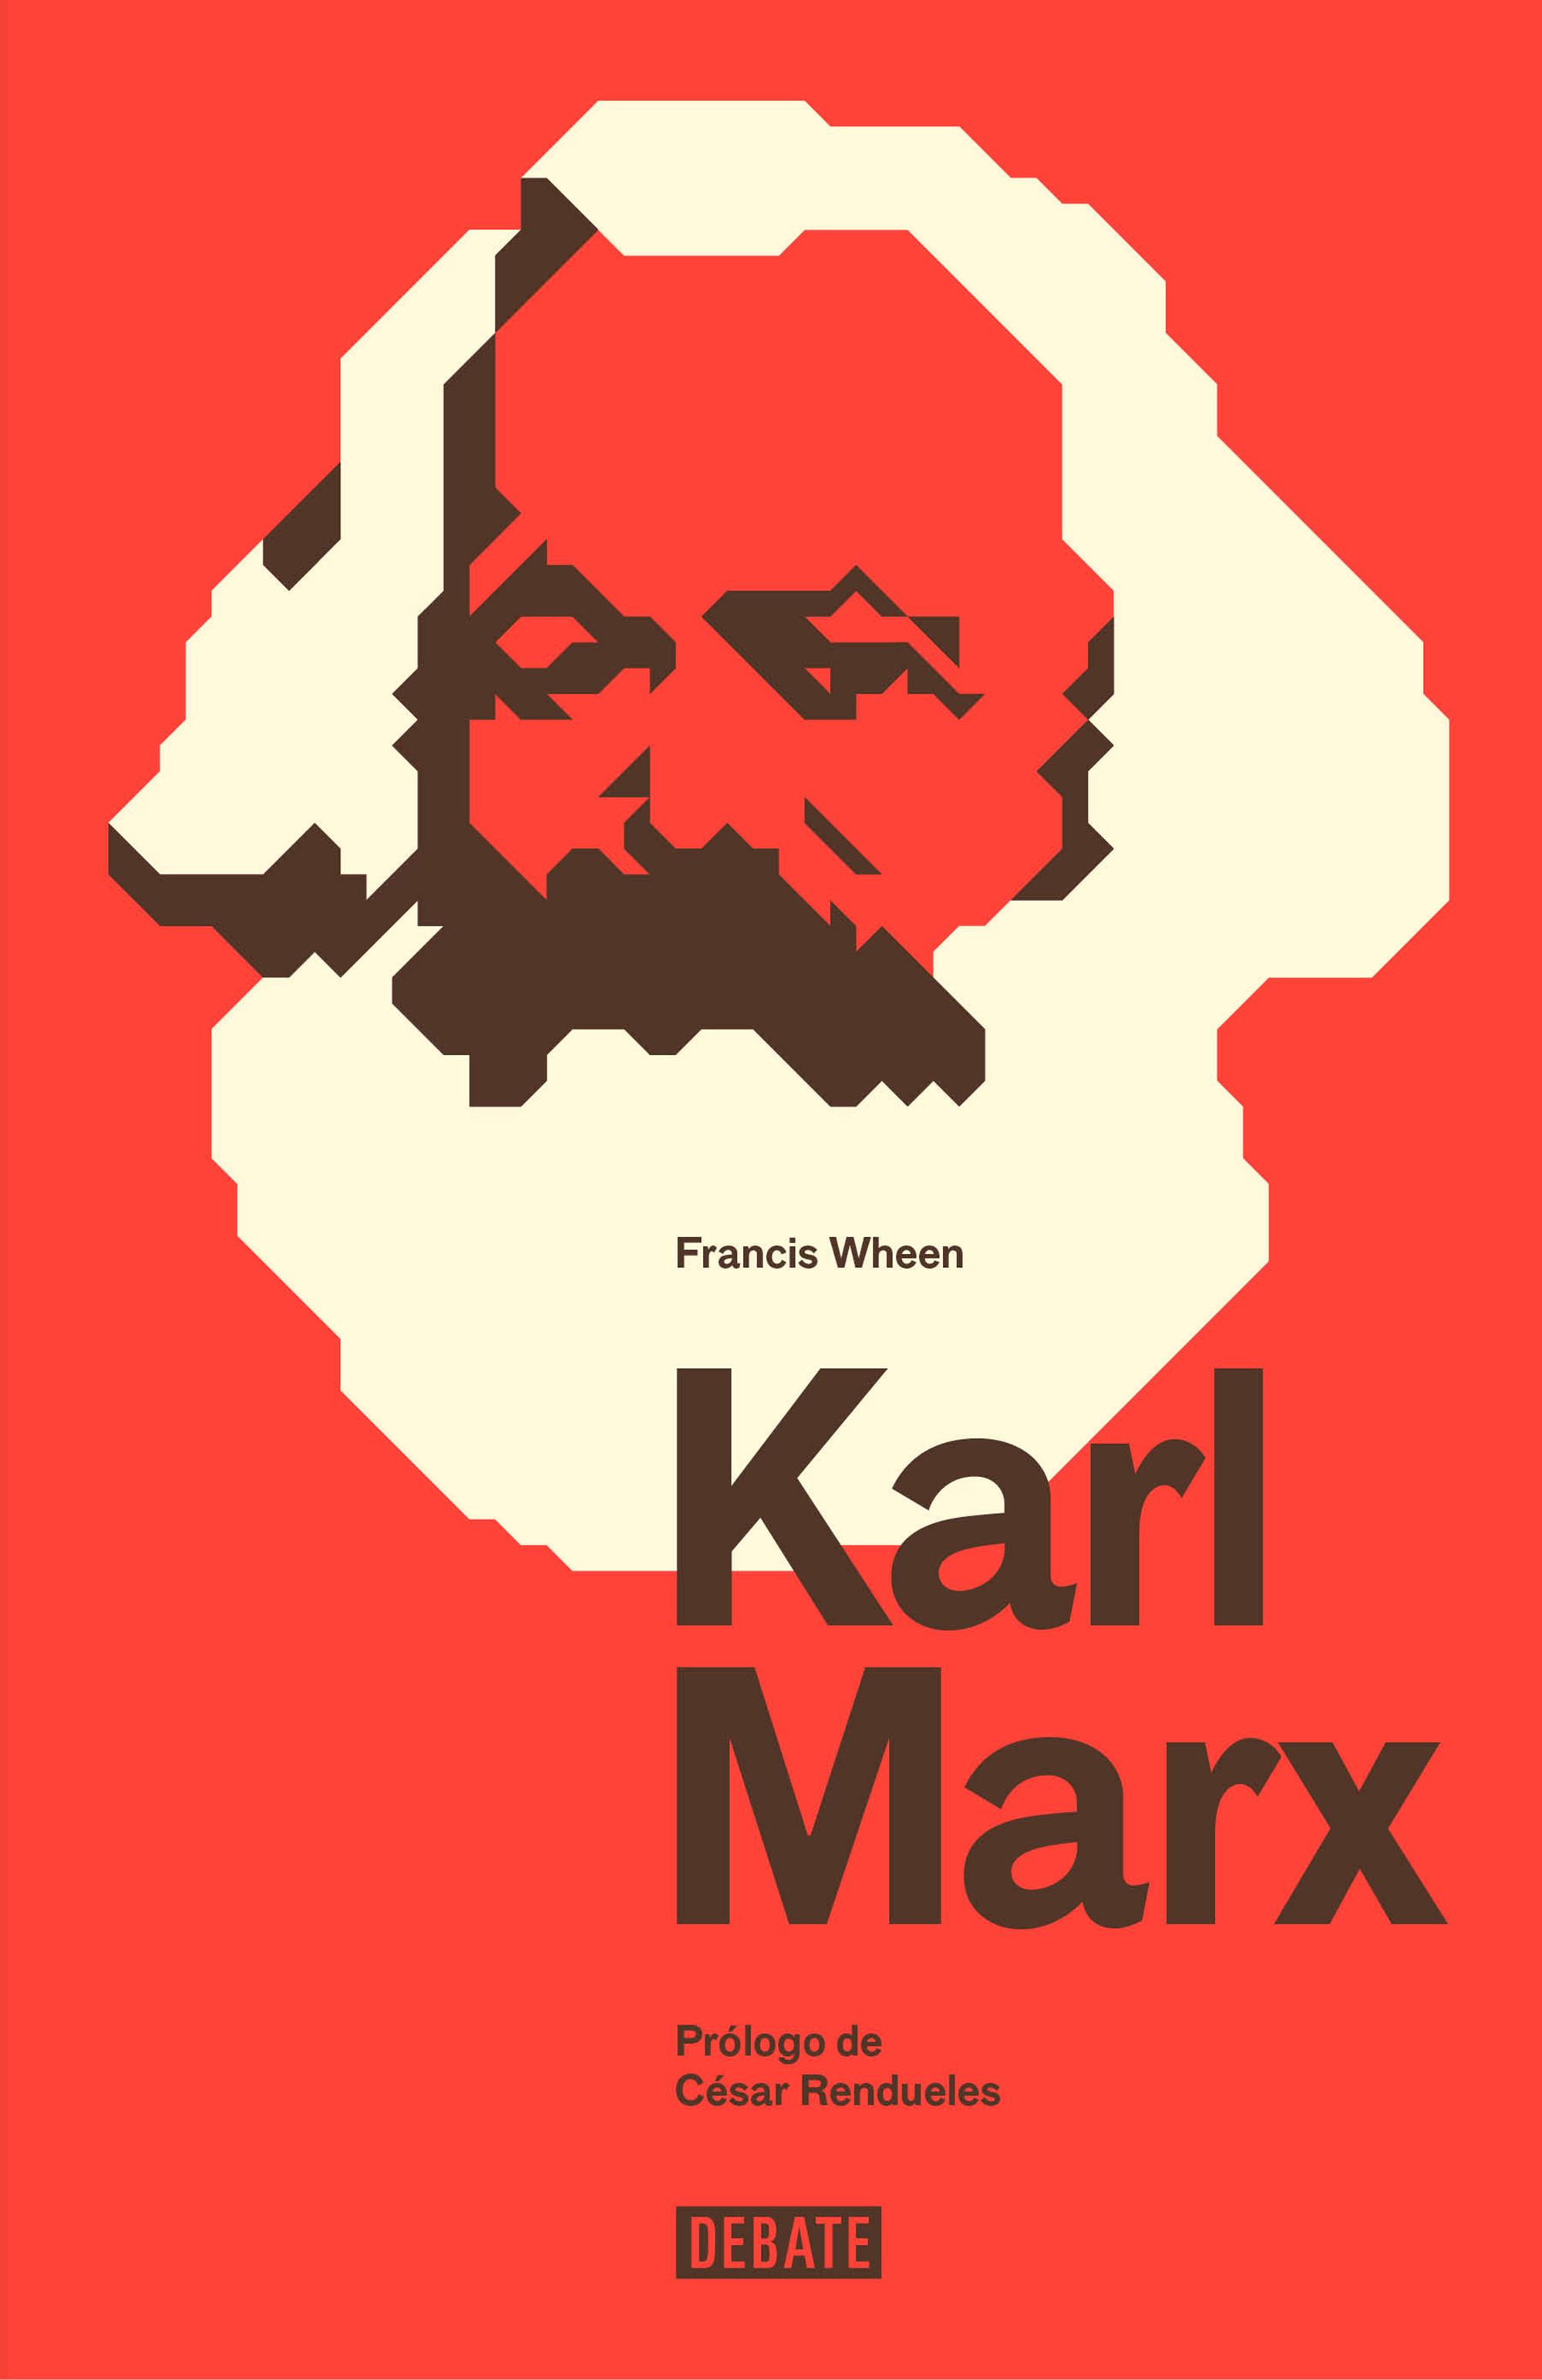 Karl Marx, de Francis Wheen